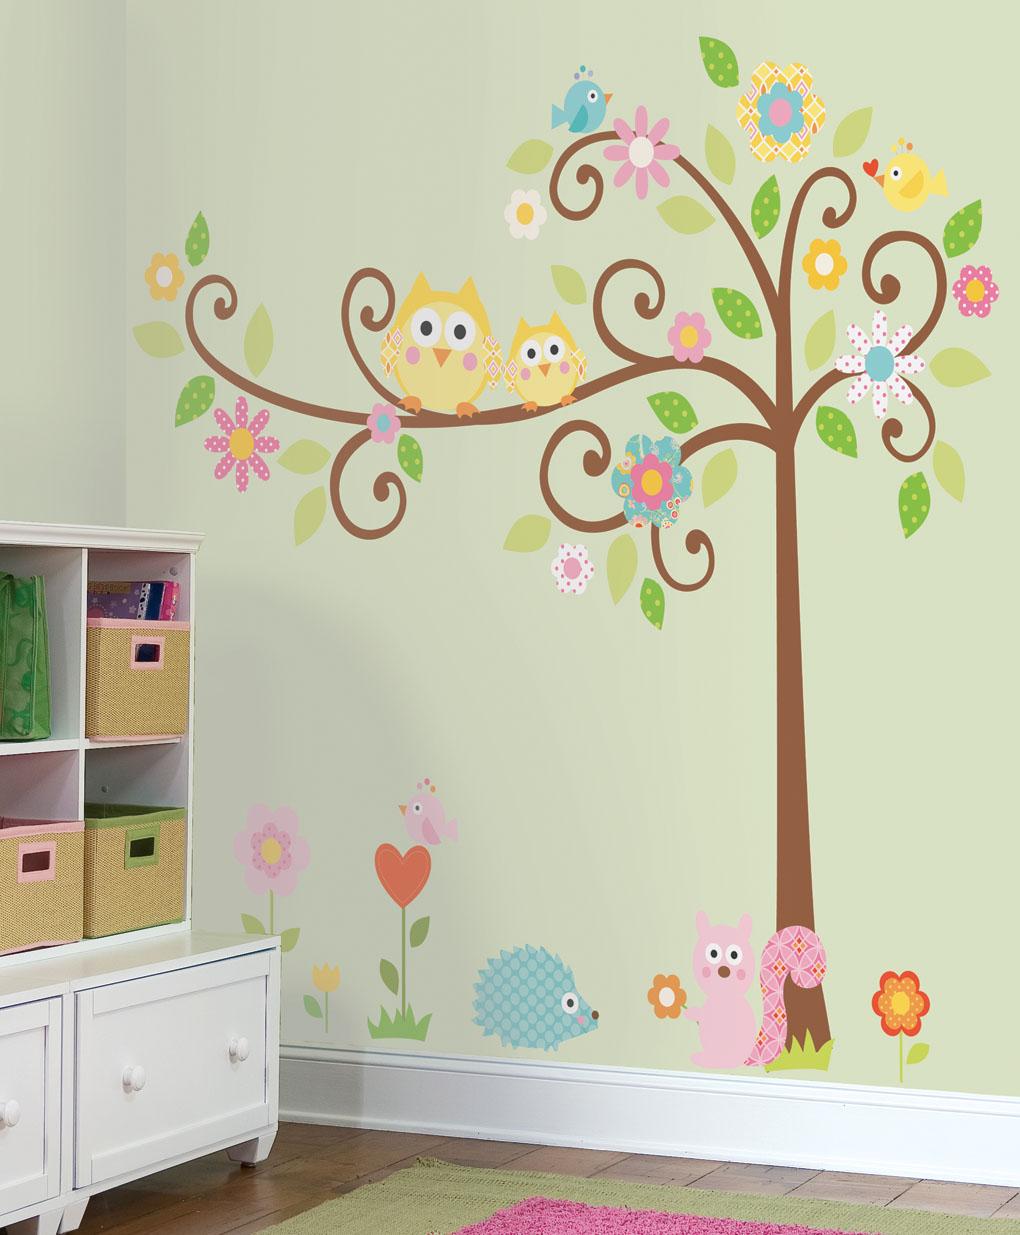 Wall Decals Kids Art Decor